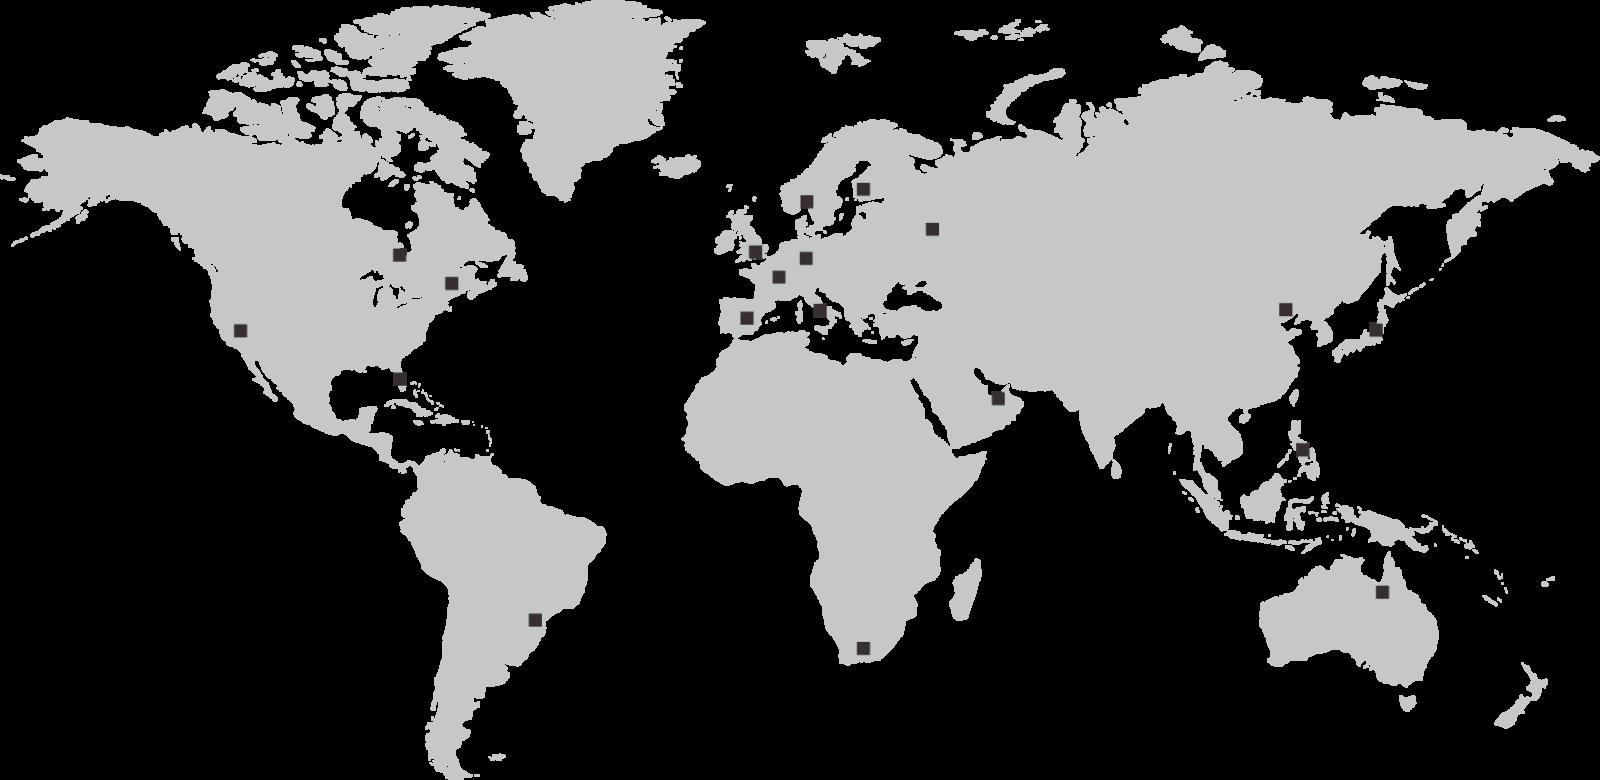 mappa delle fiere nel mondo in cui Bottega ha allestito degli stand